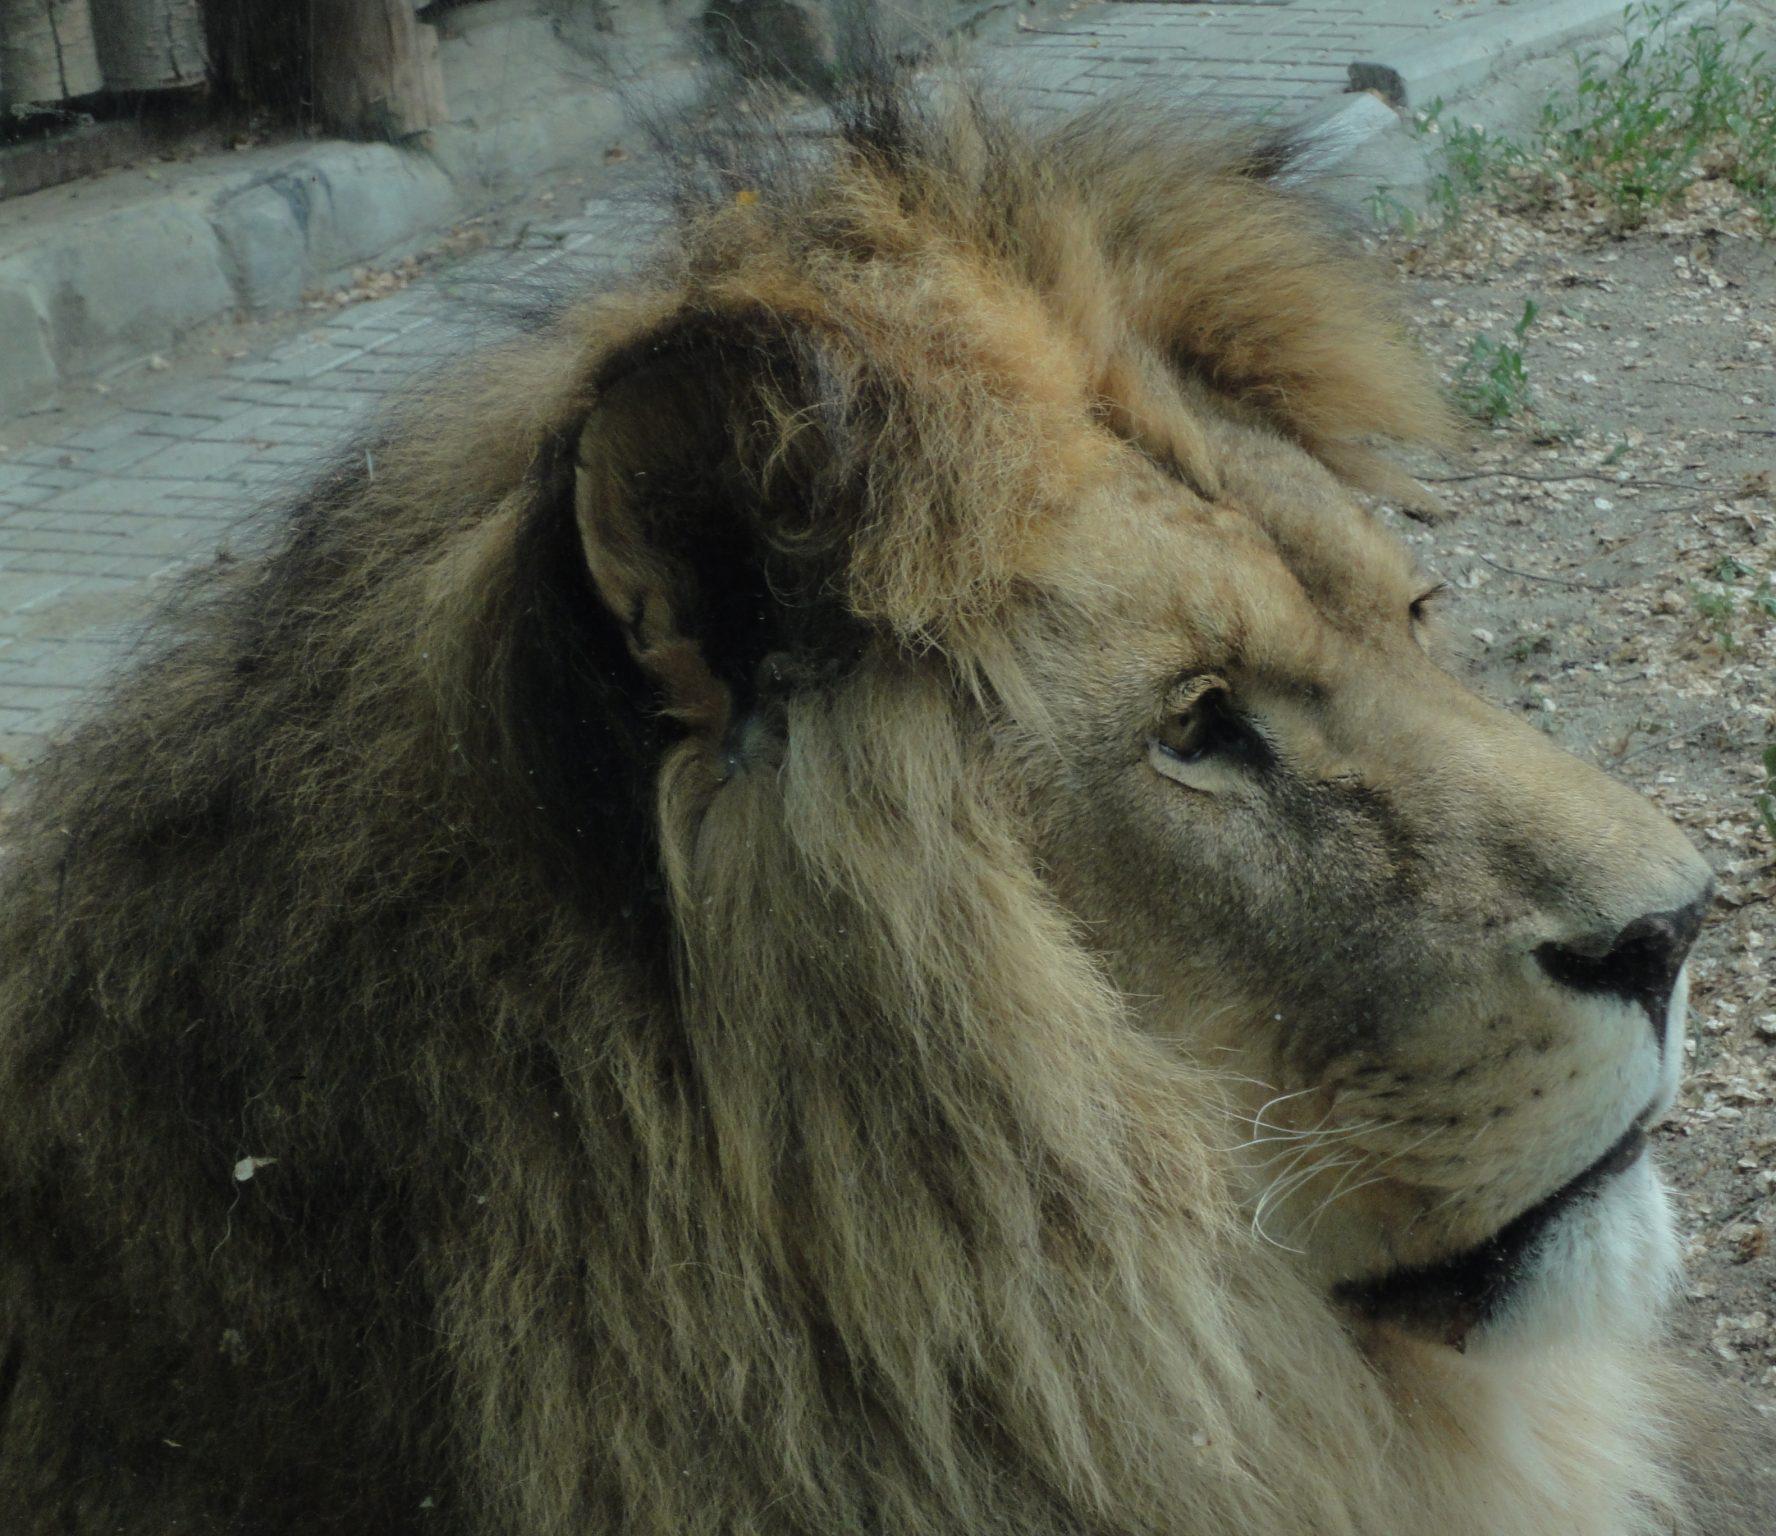 Panthera leo, African lion